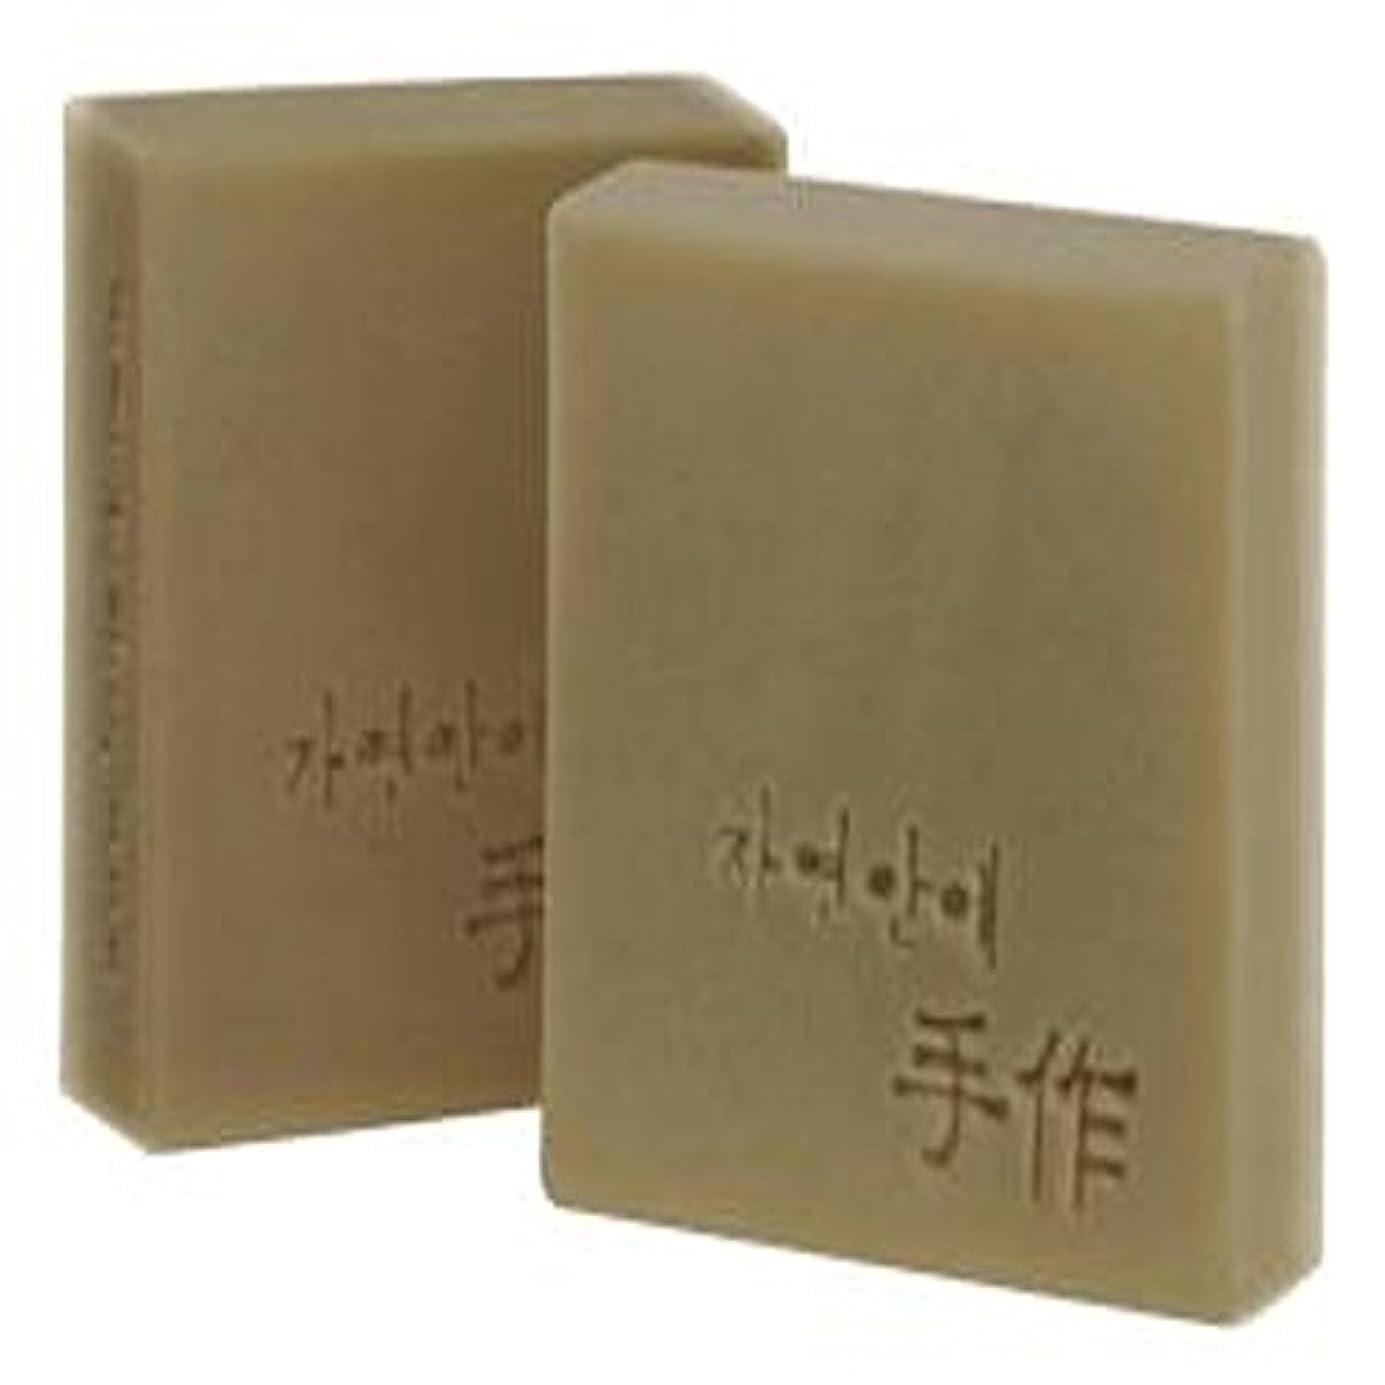 圧力まもなくウィンクNatural organic 有機天然ソープ 固形 無添加 洗顔せっけんクレンジング 石鹸 [並行輸入品] (オートミール)